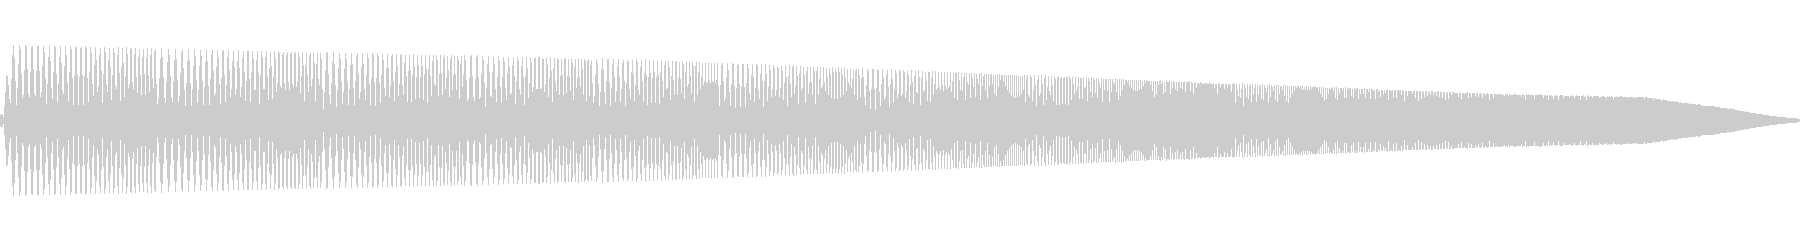 ピロピロ(ワープ/魔法/異次元/移動SFの未再生の波形